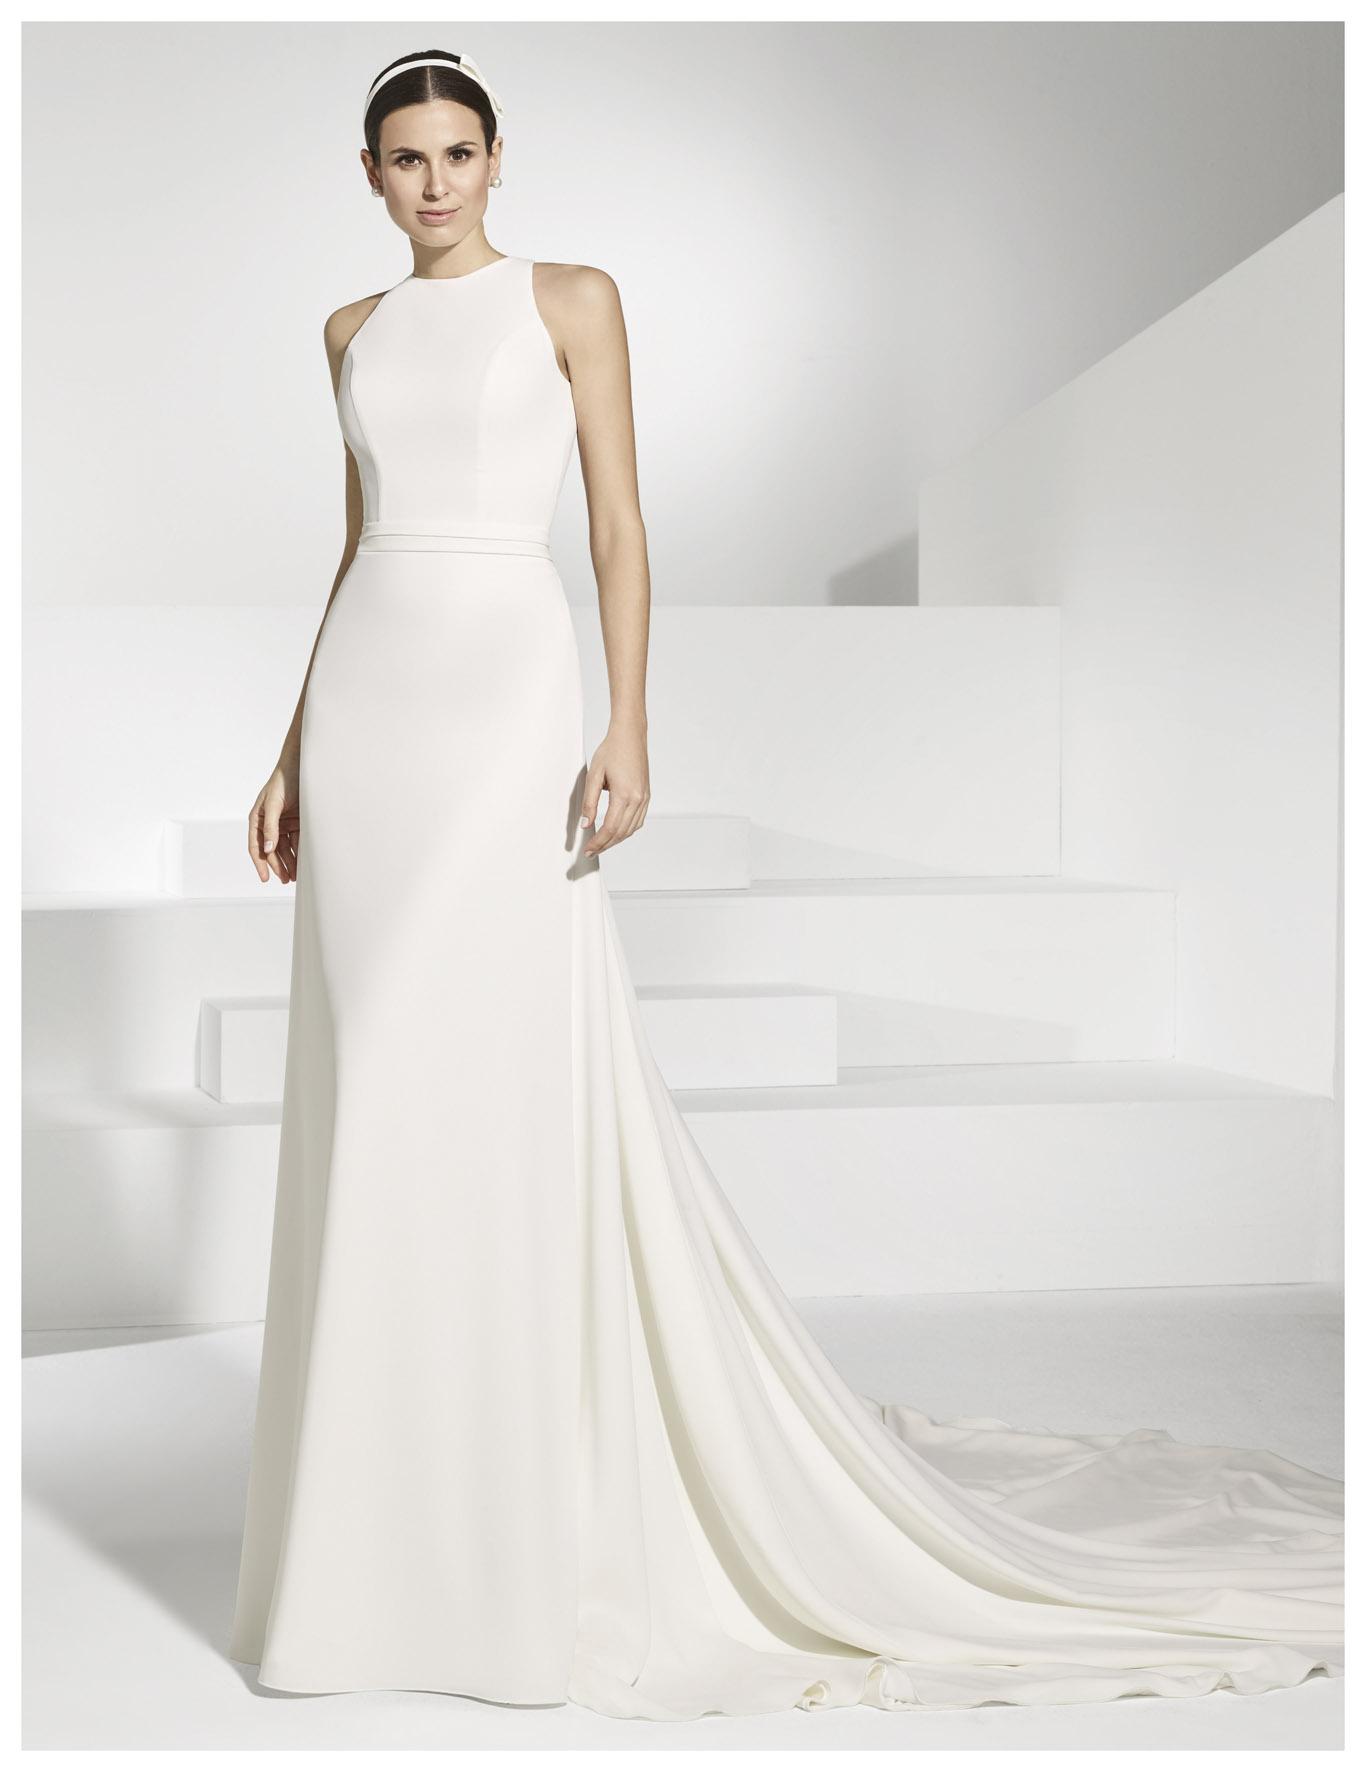 vestidos de novia en minneapolis m.n